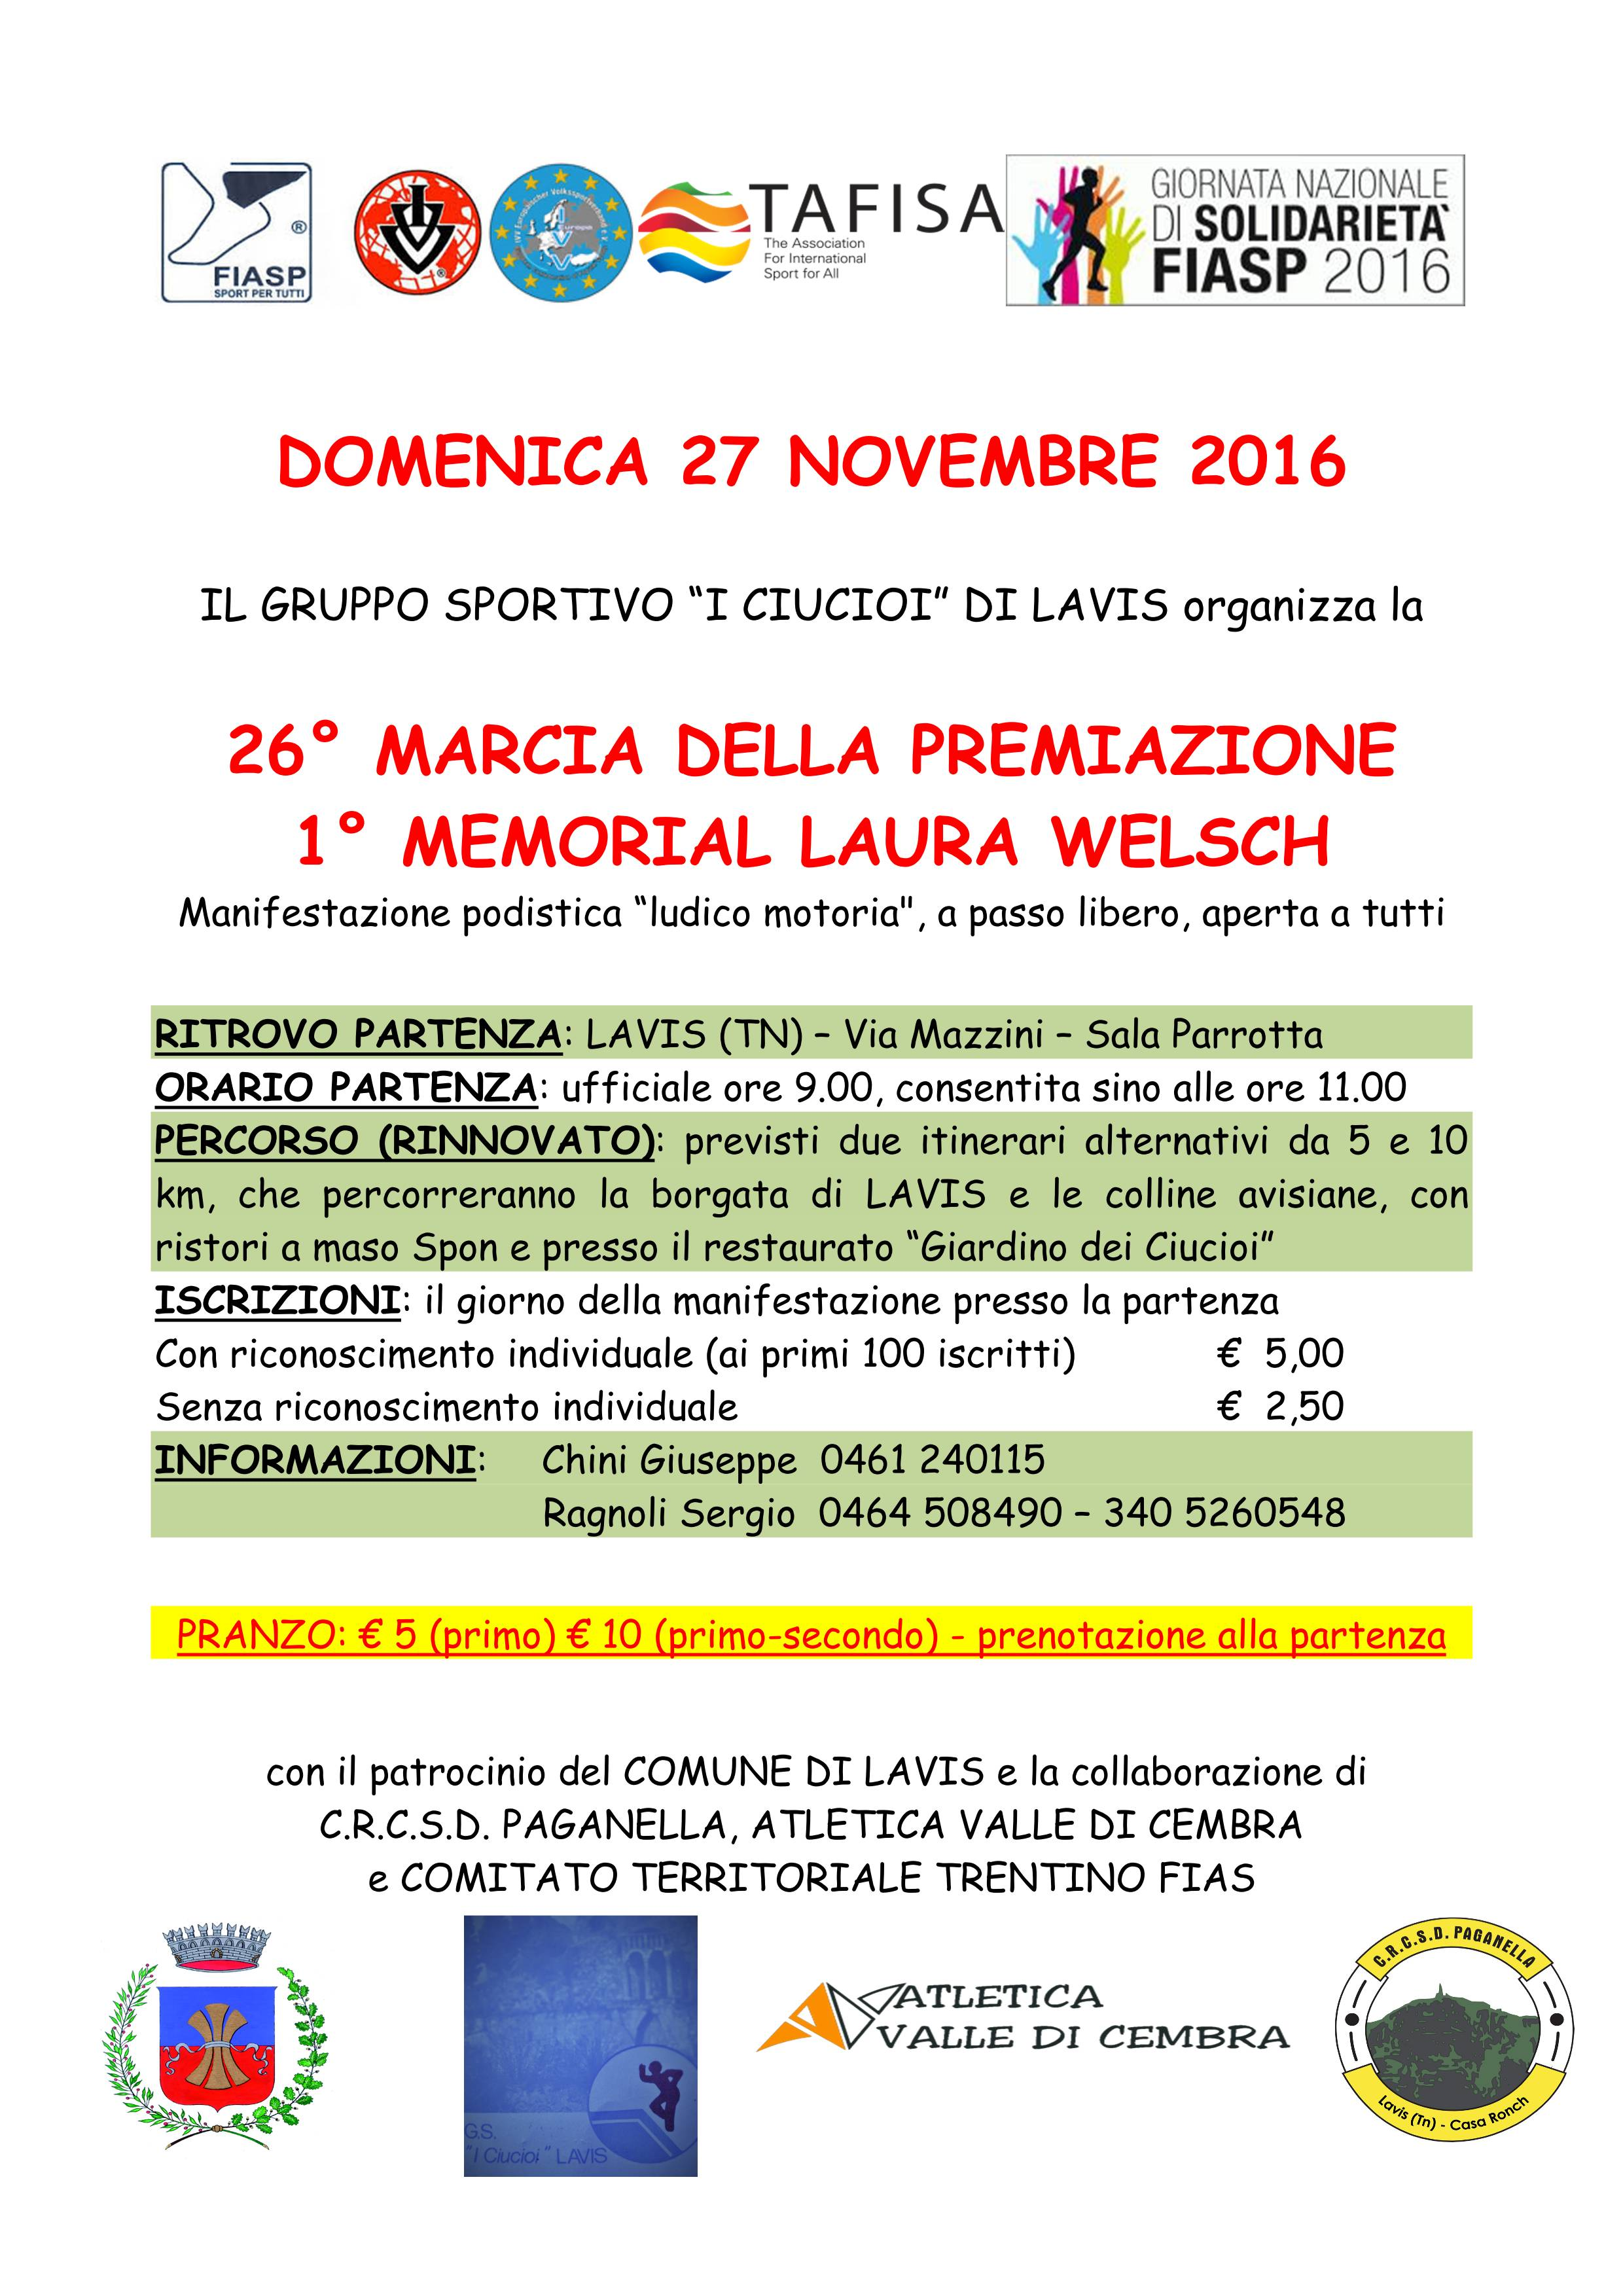 Fiasp Calendario 2020.26 Marcia Della Premiazione E 1 Memorial Laura Welsch